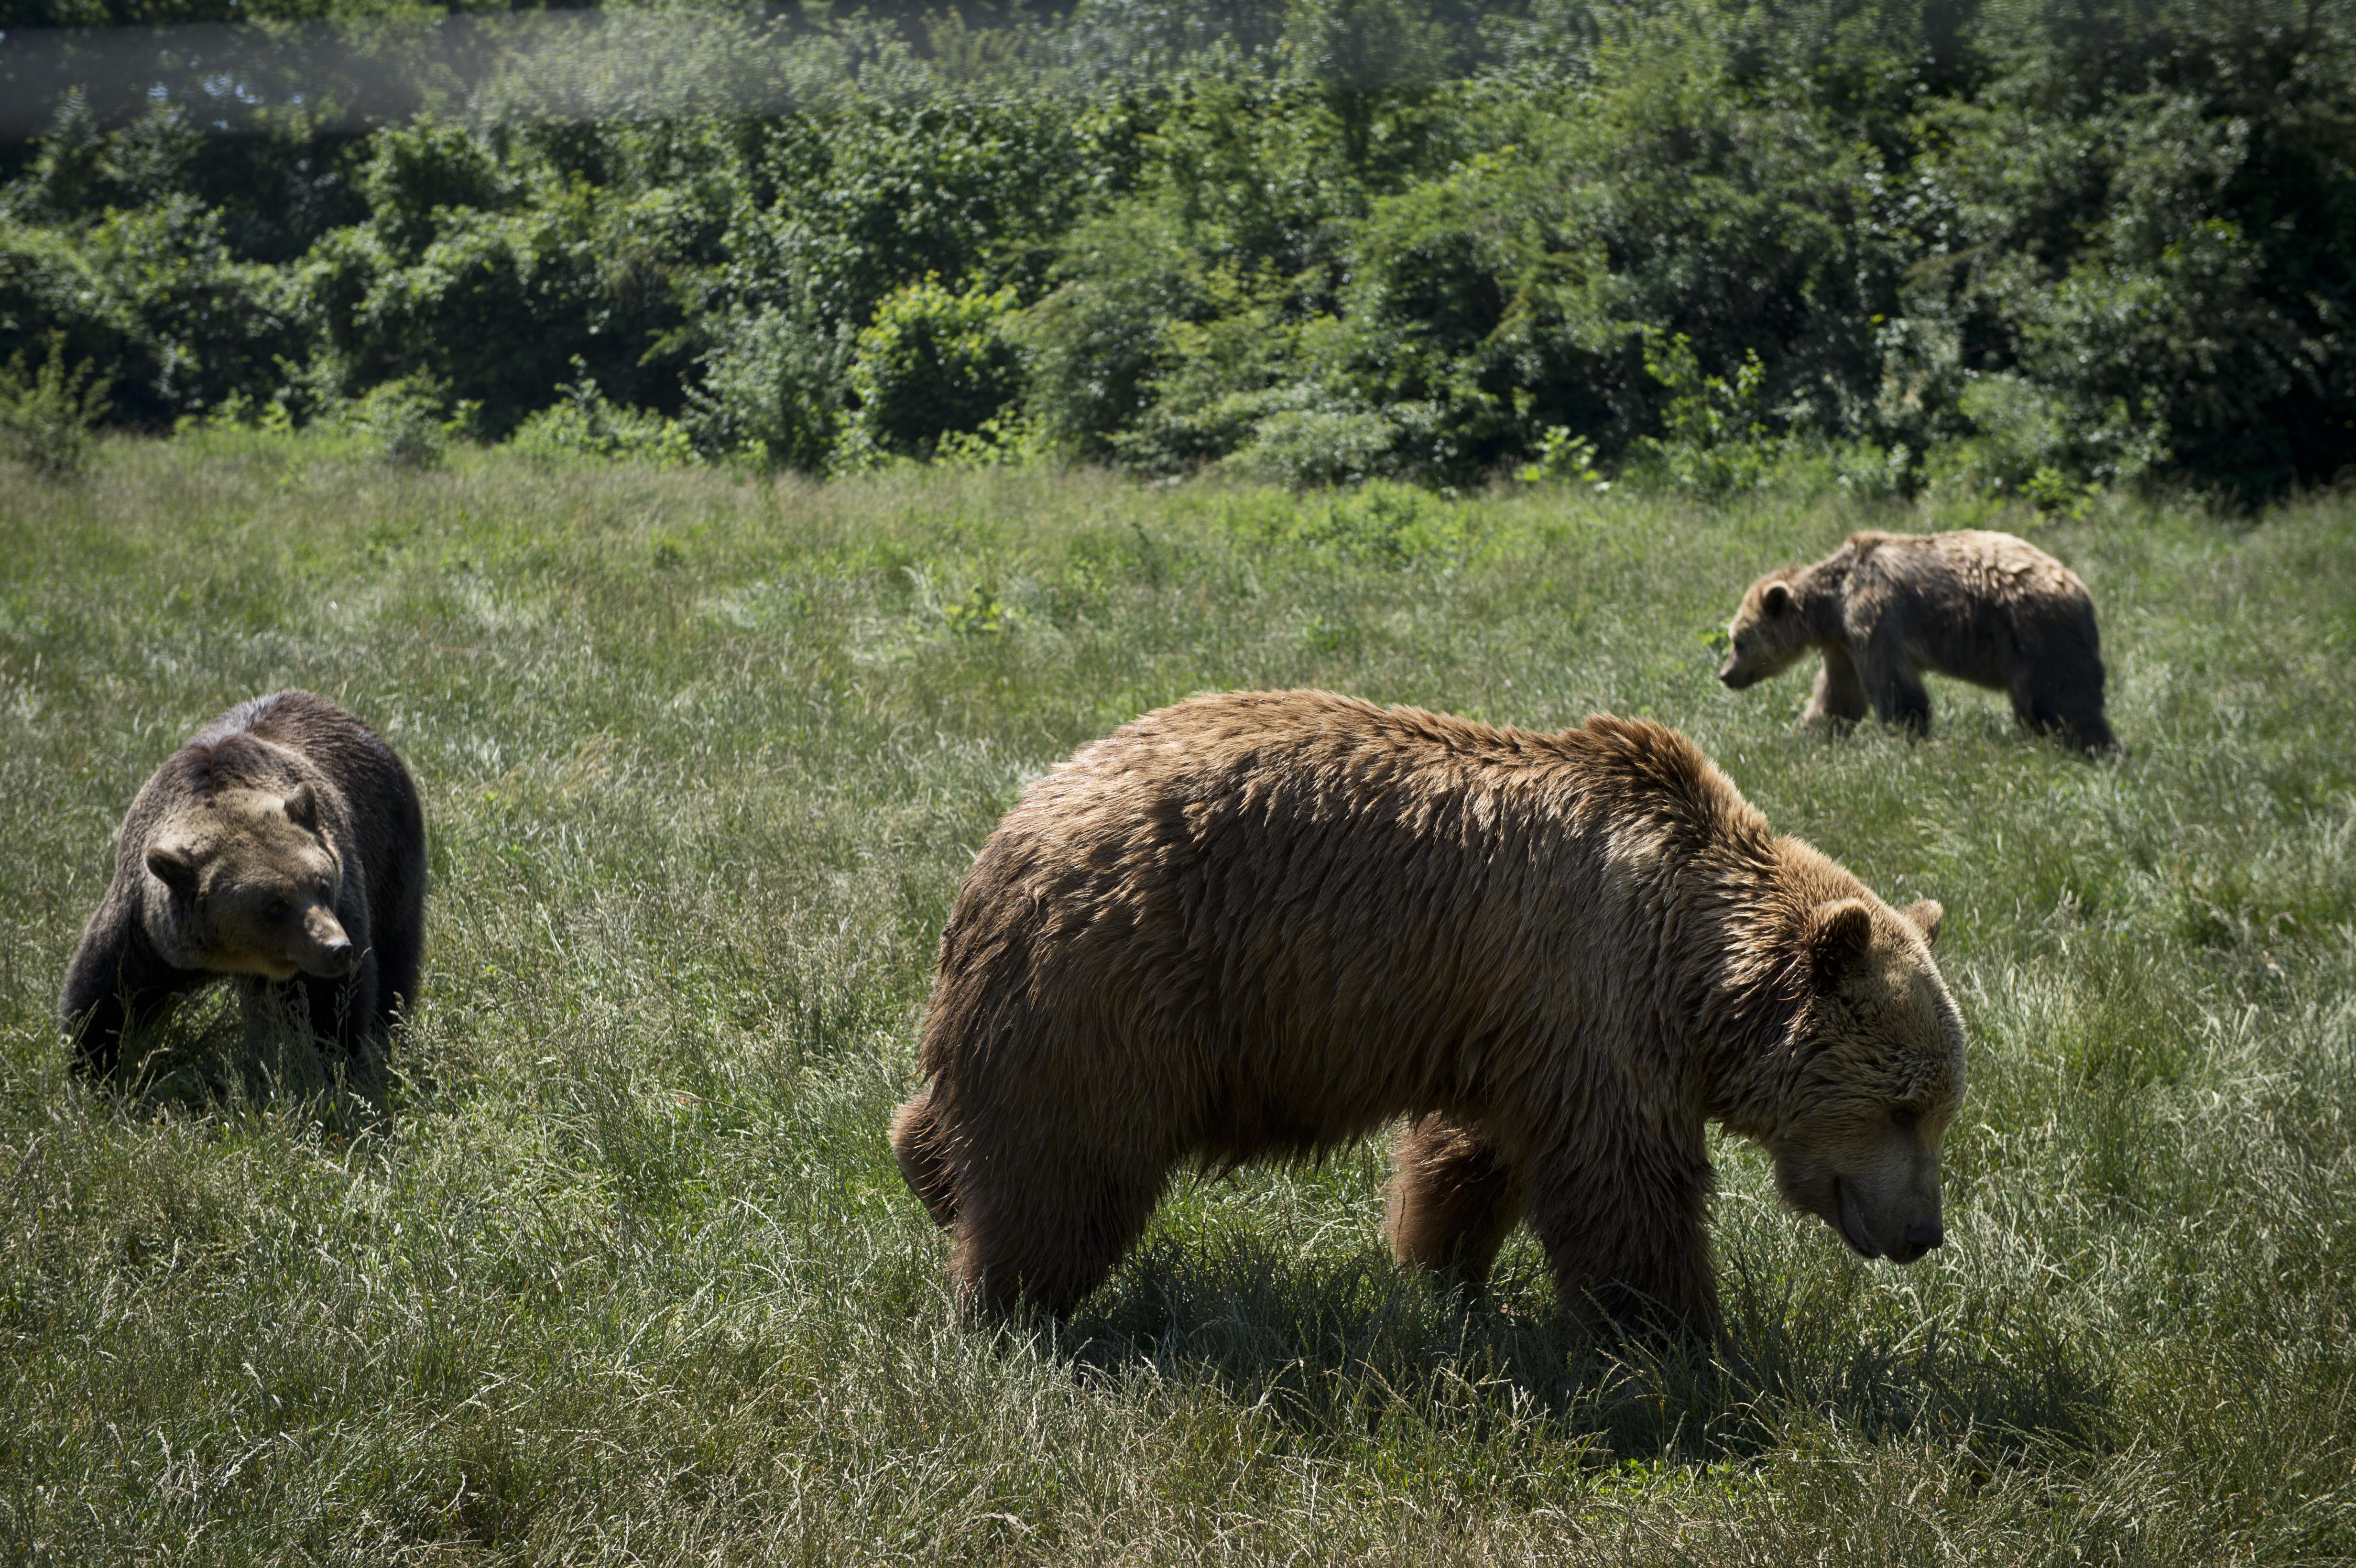 140 medve kilövésére adott engedélyt a román környezetvédelmi miniszter